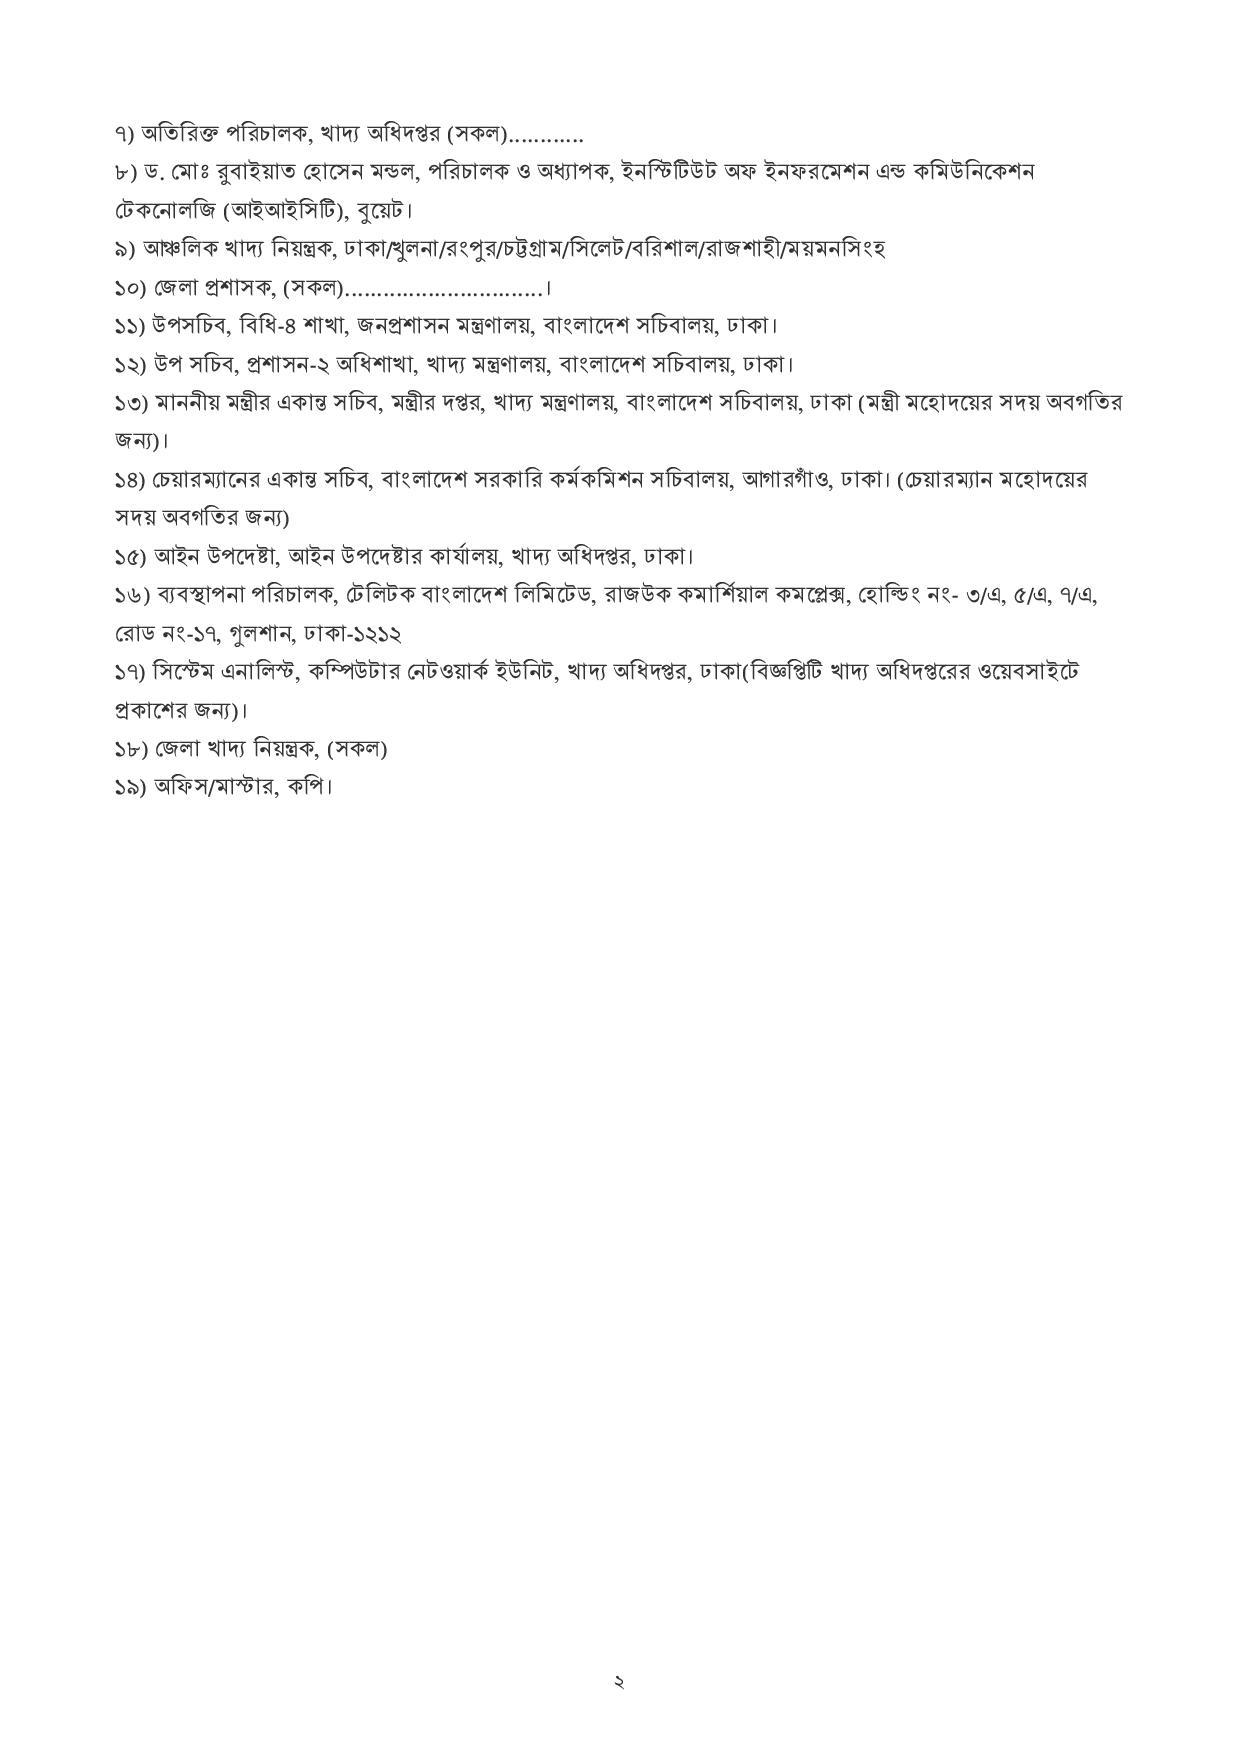 ১০৩৫ পদের খাদ্য অধিদপ্তরের পরীক্ষার তারিখ, স্থান ও সময়সূচী সংক্রান্ত নোটিশ